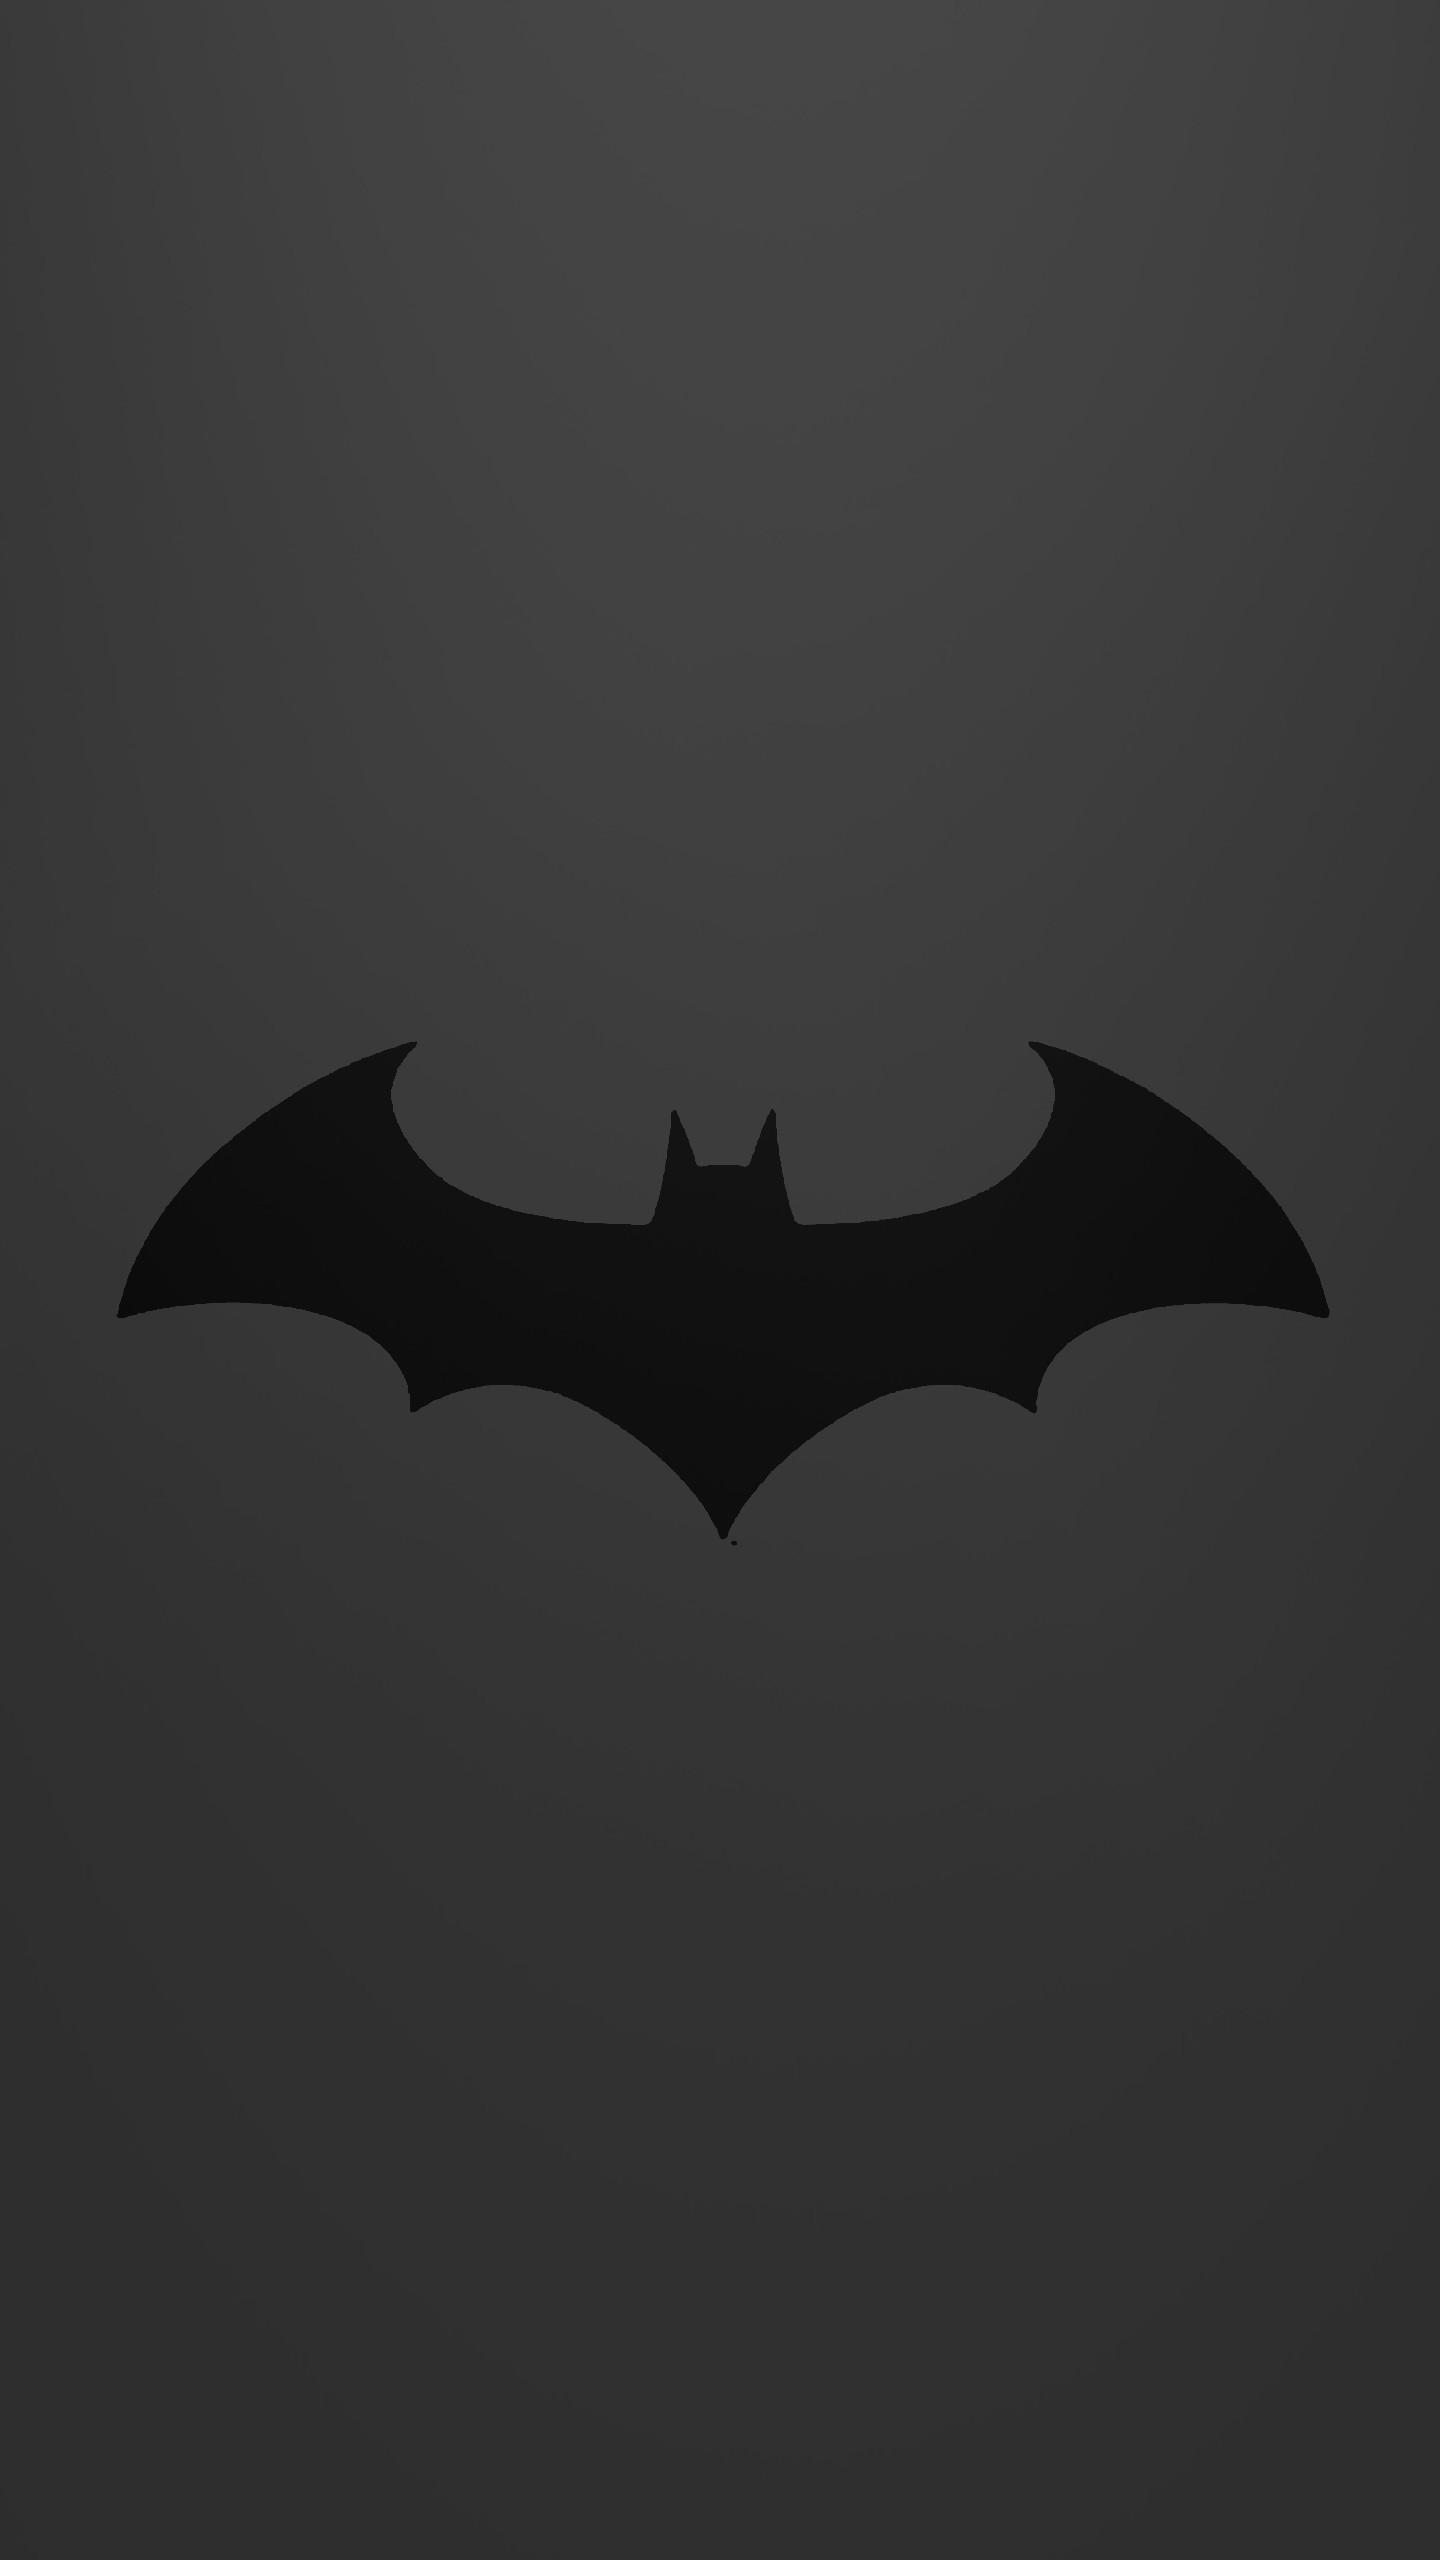 Обои На Телефон Бэтмен